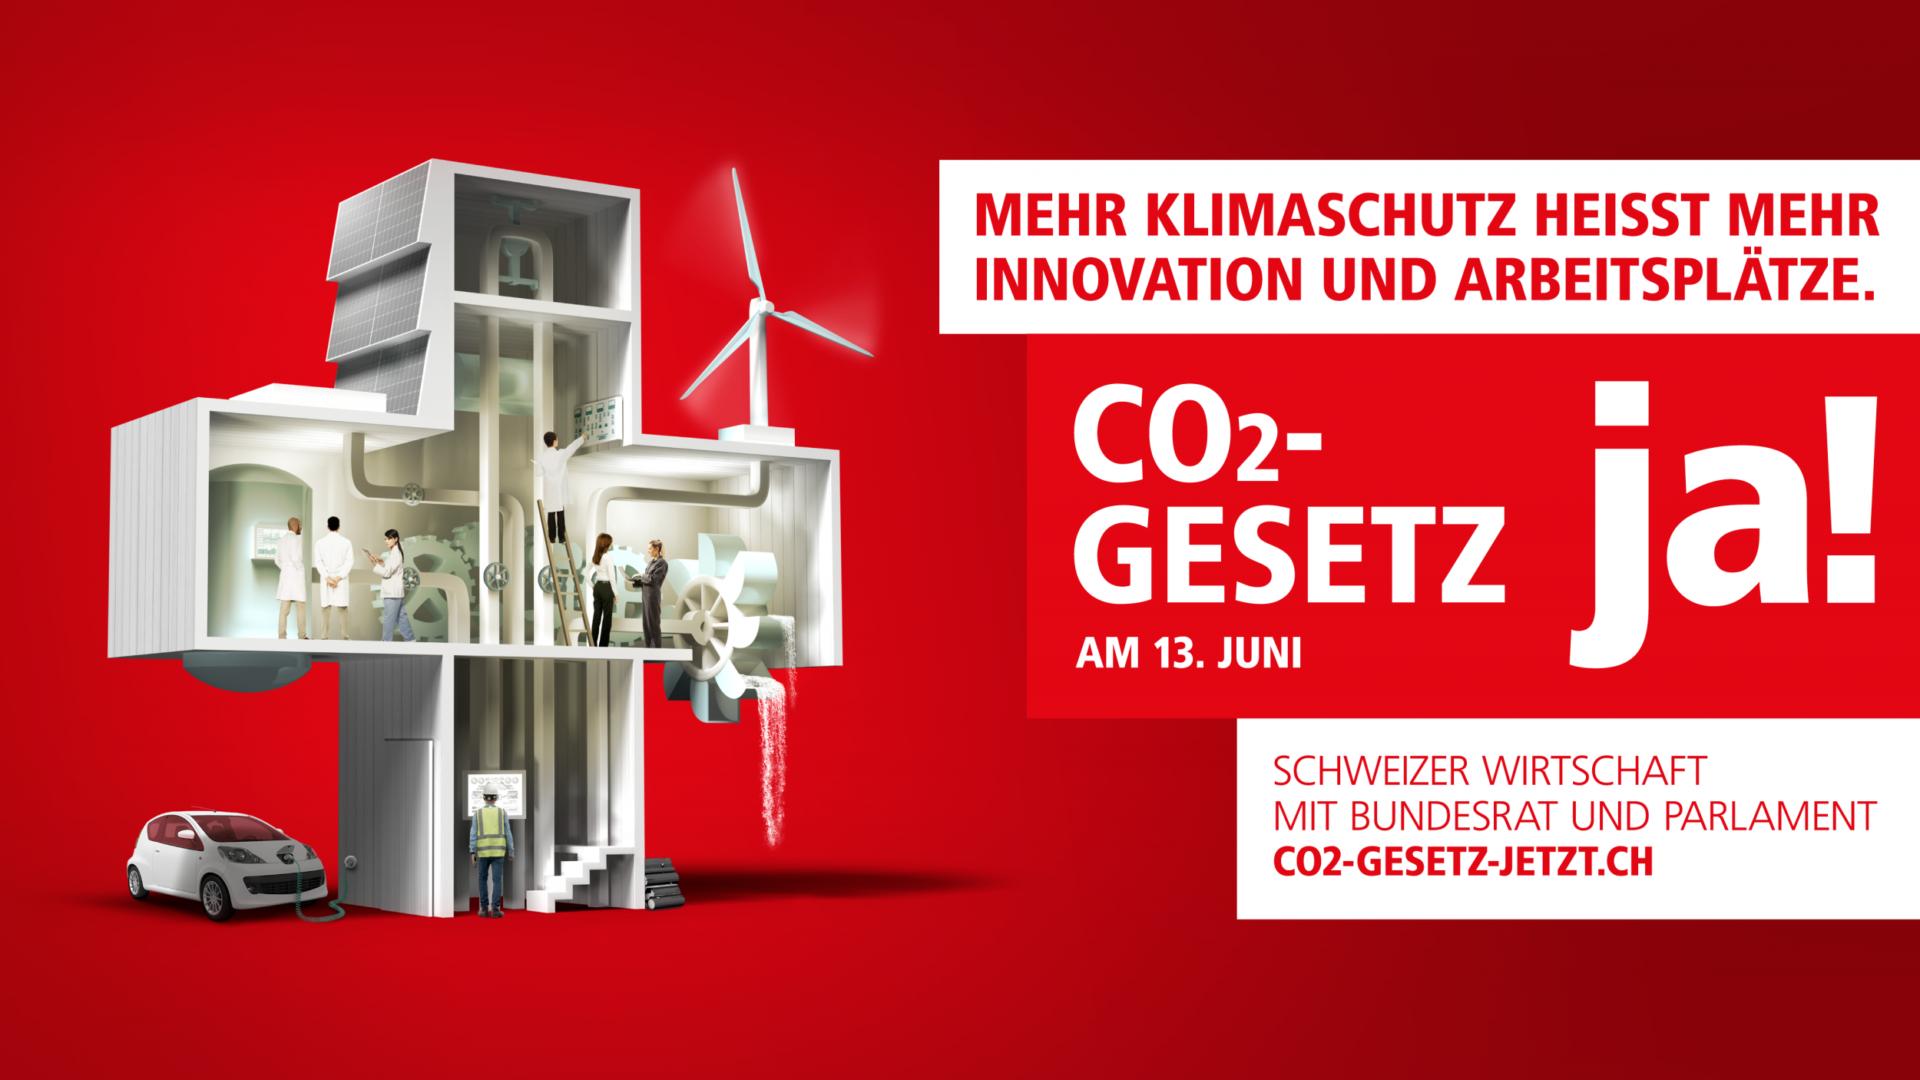 CO2_Visuals_1920x1080px_DE-1-aspect-ratio-1920-1080